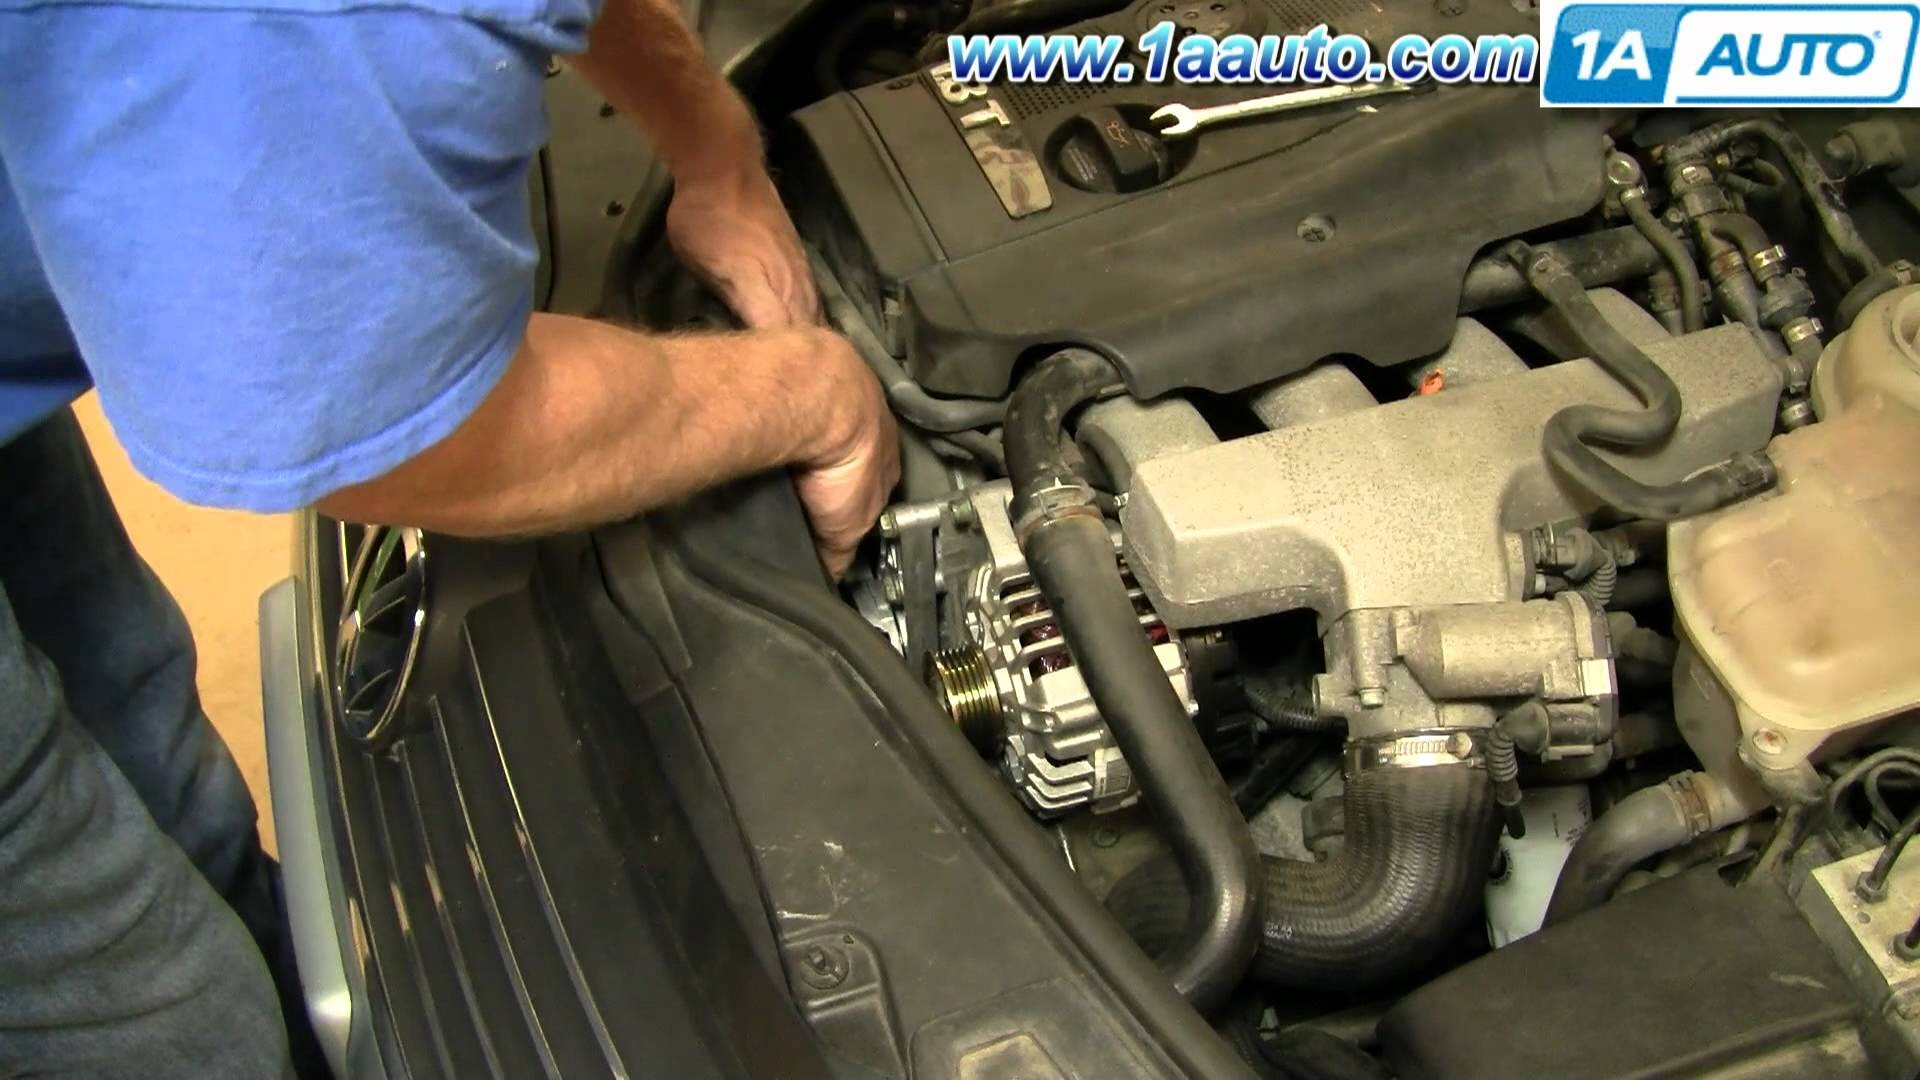 How To Install Replace Alternator Power Steering Engine Belt Volkswagen  Passat 1 8T 1AAuto